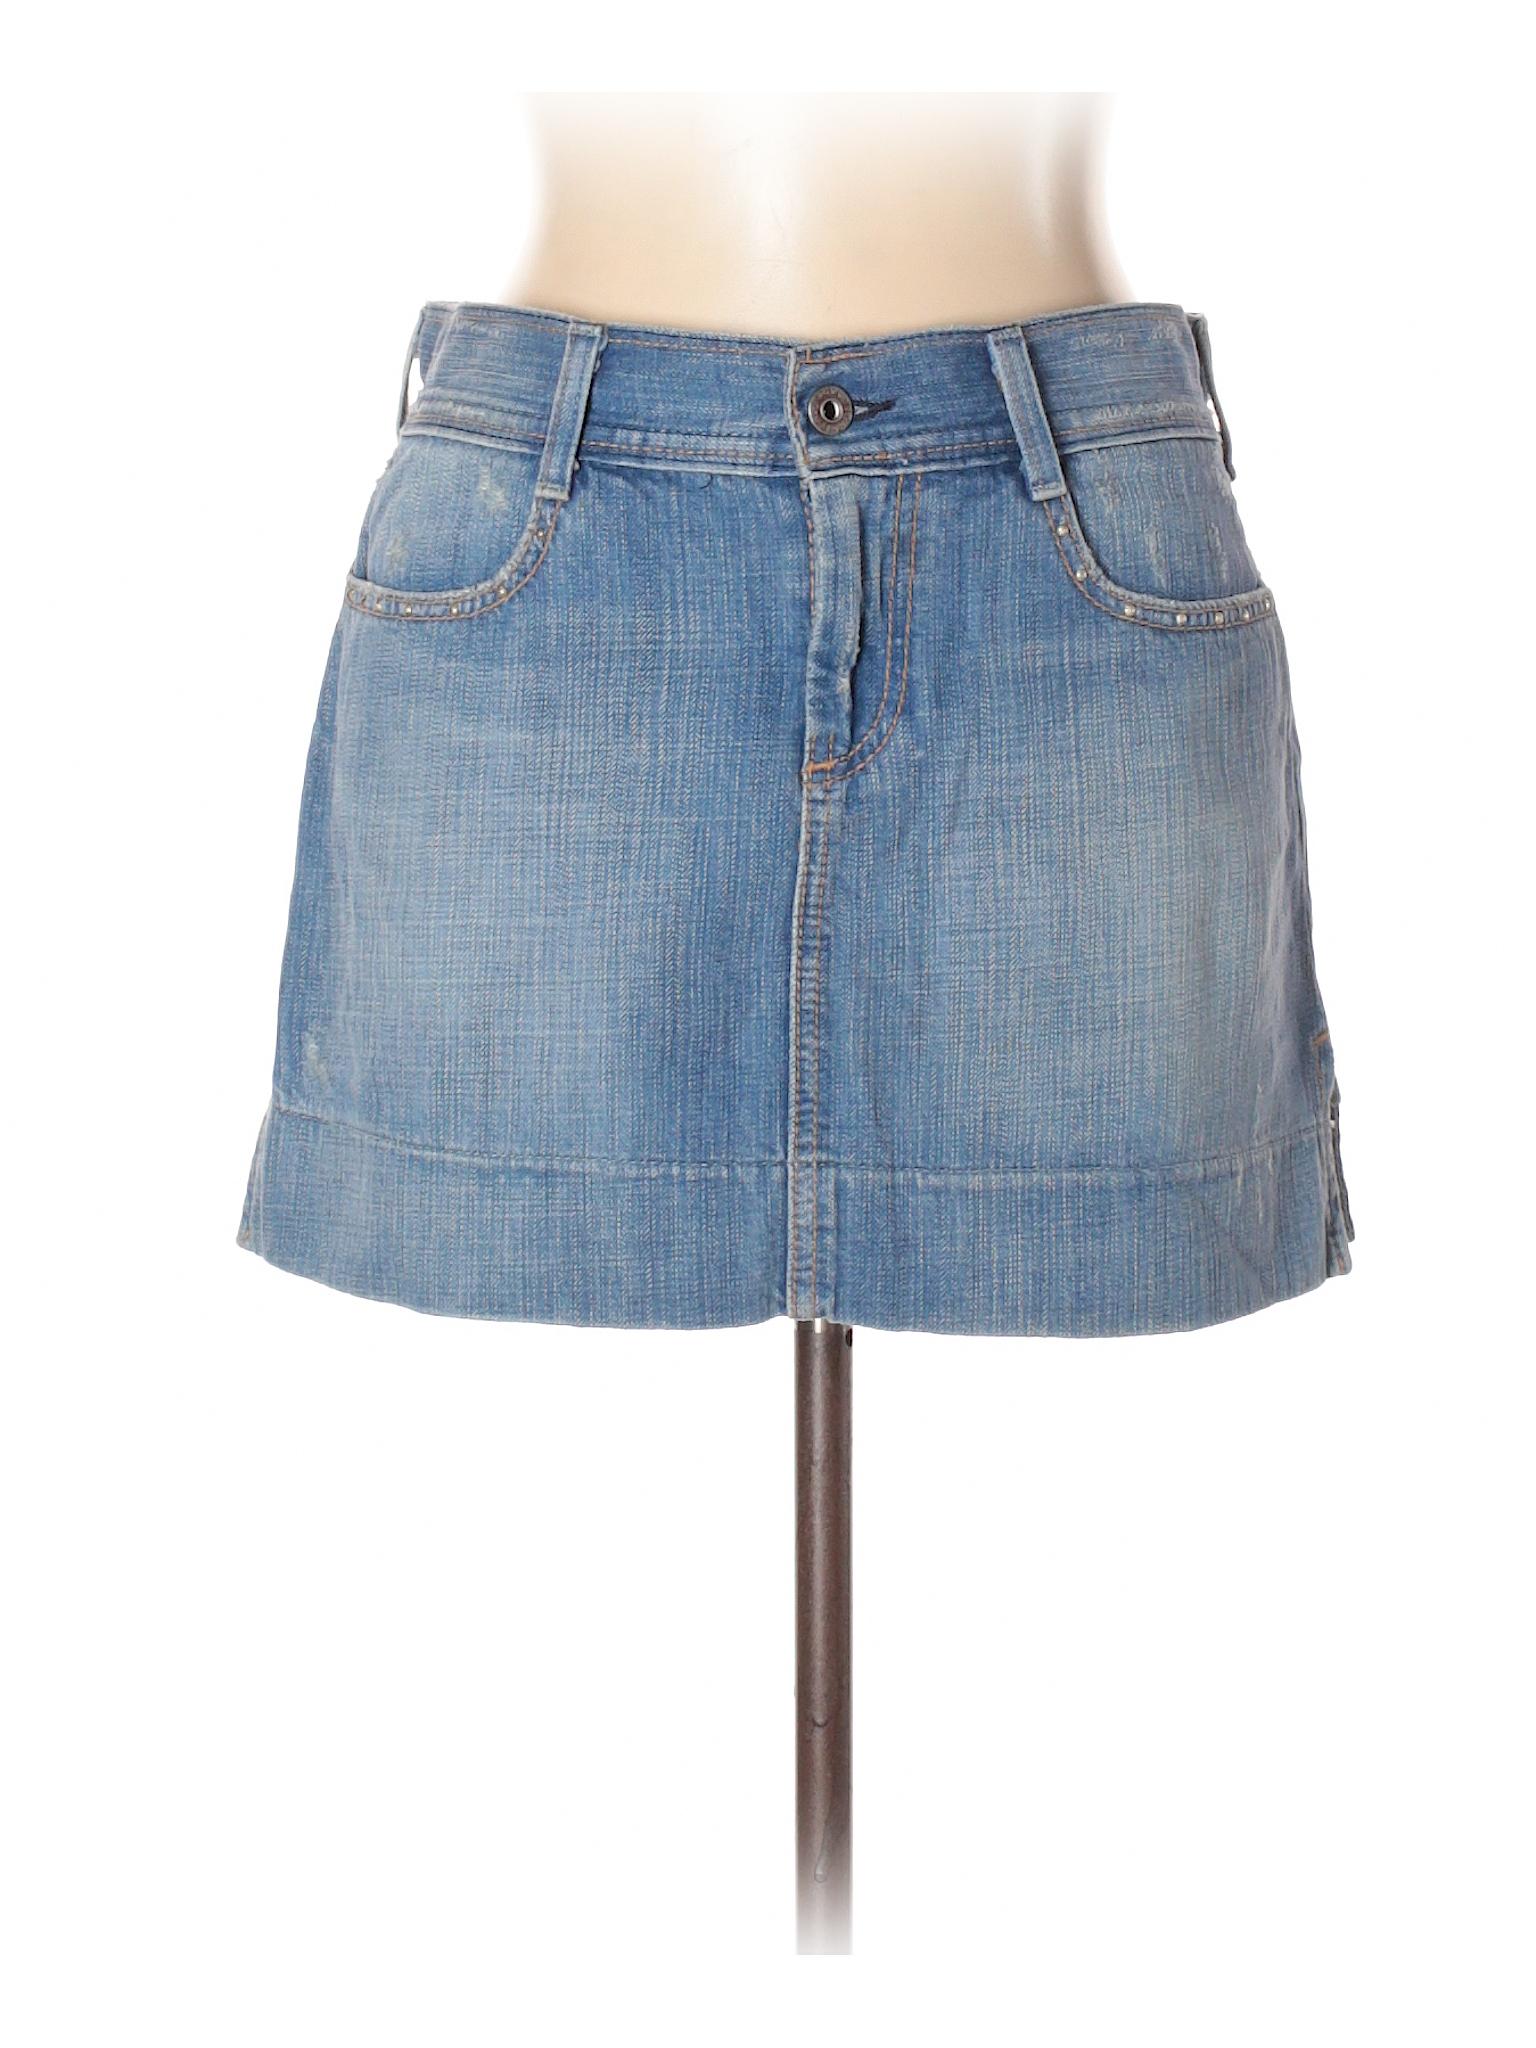 Goldschmied Adriano Denim Denim Adriano Boutique Goldschmied Boutique Skirt Skirt xqnw47Sg